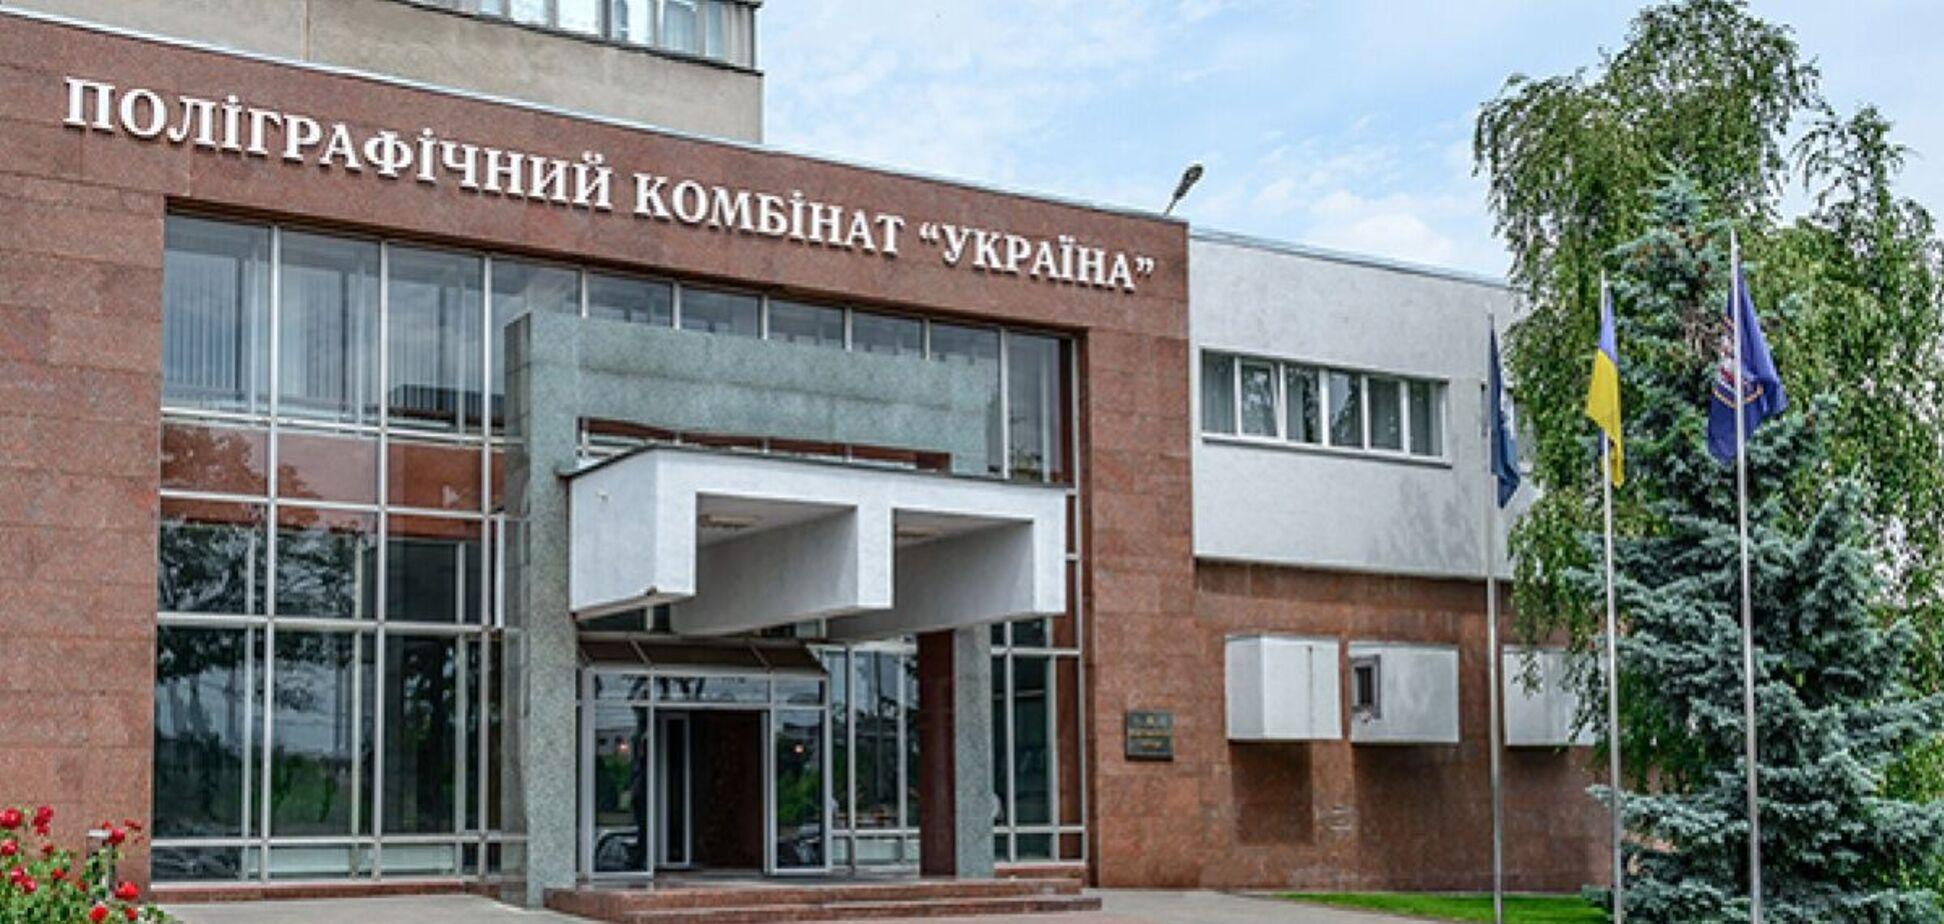 Полиграфкомбинат 'Украина' может быть подвержен рейдерскому захвату